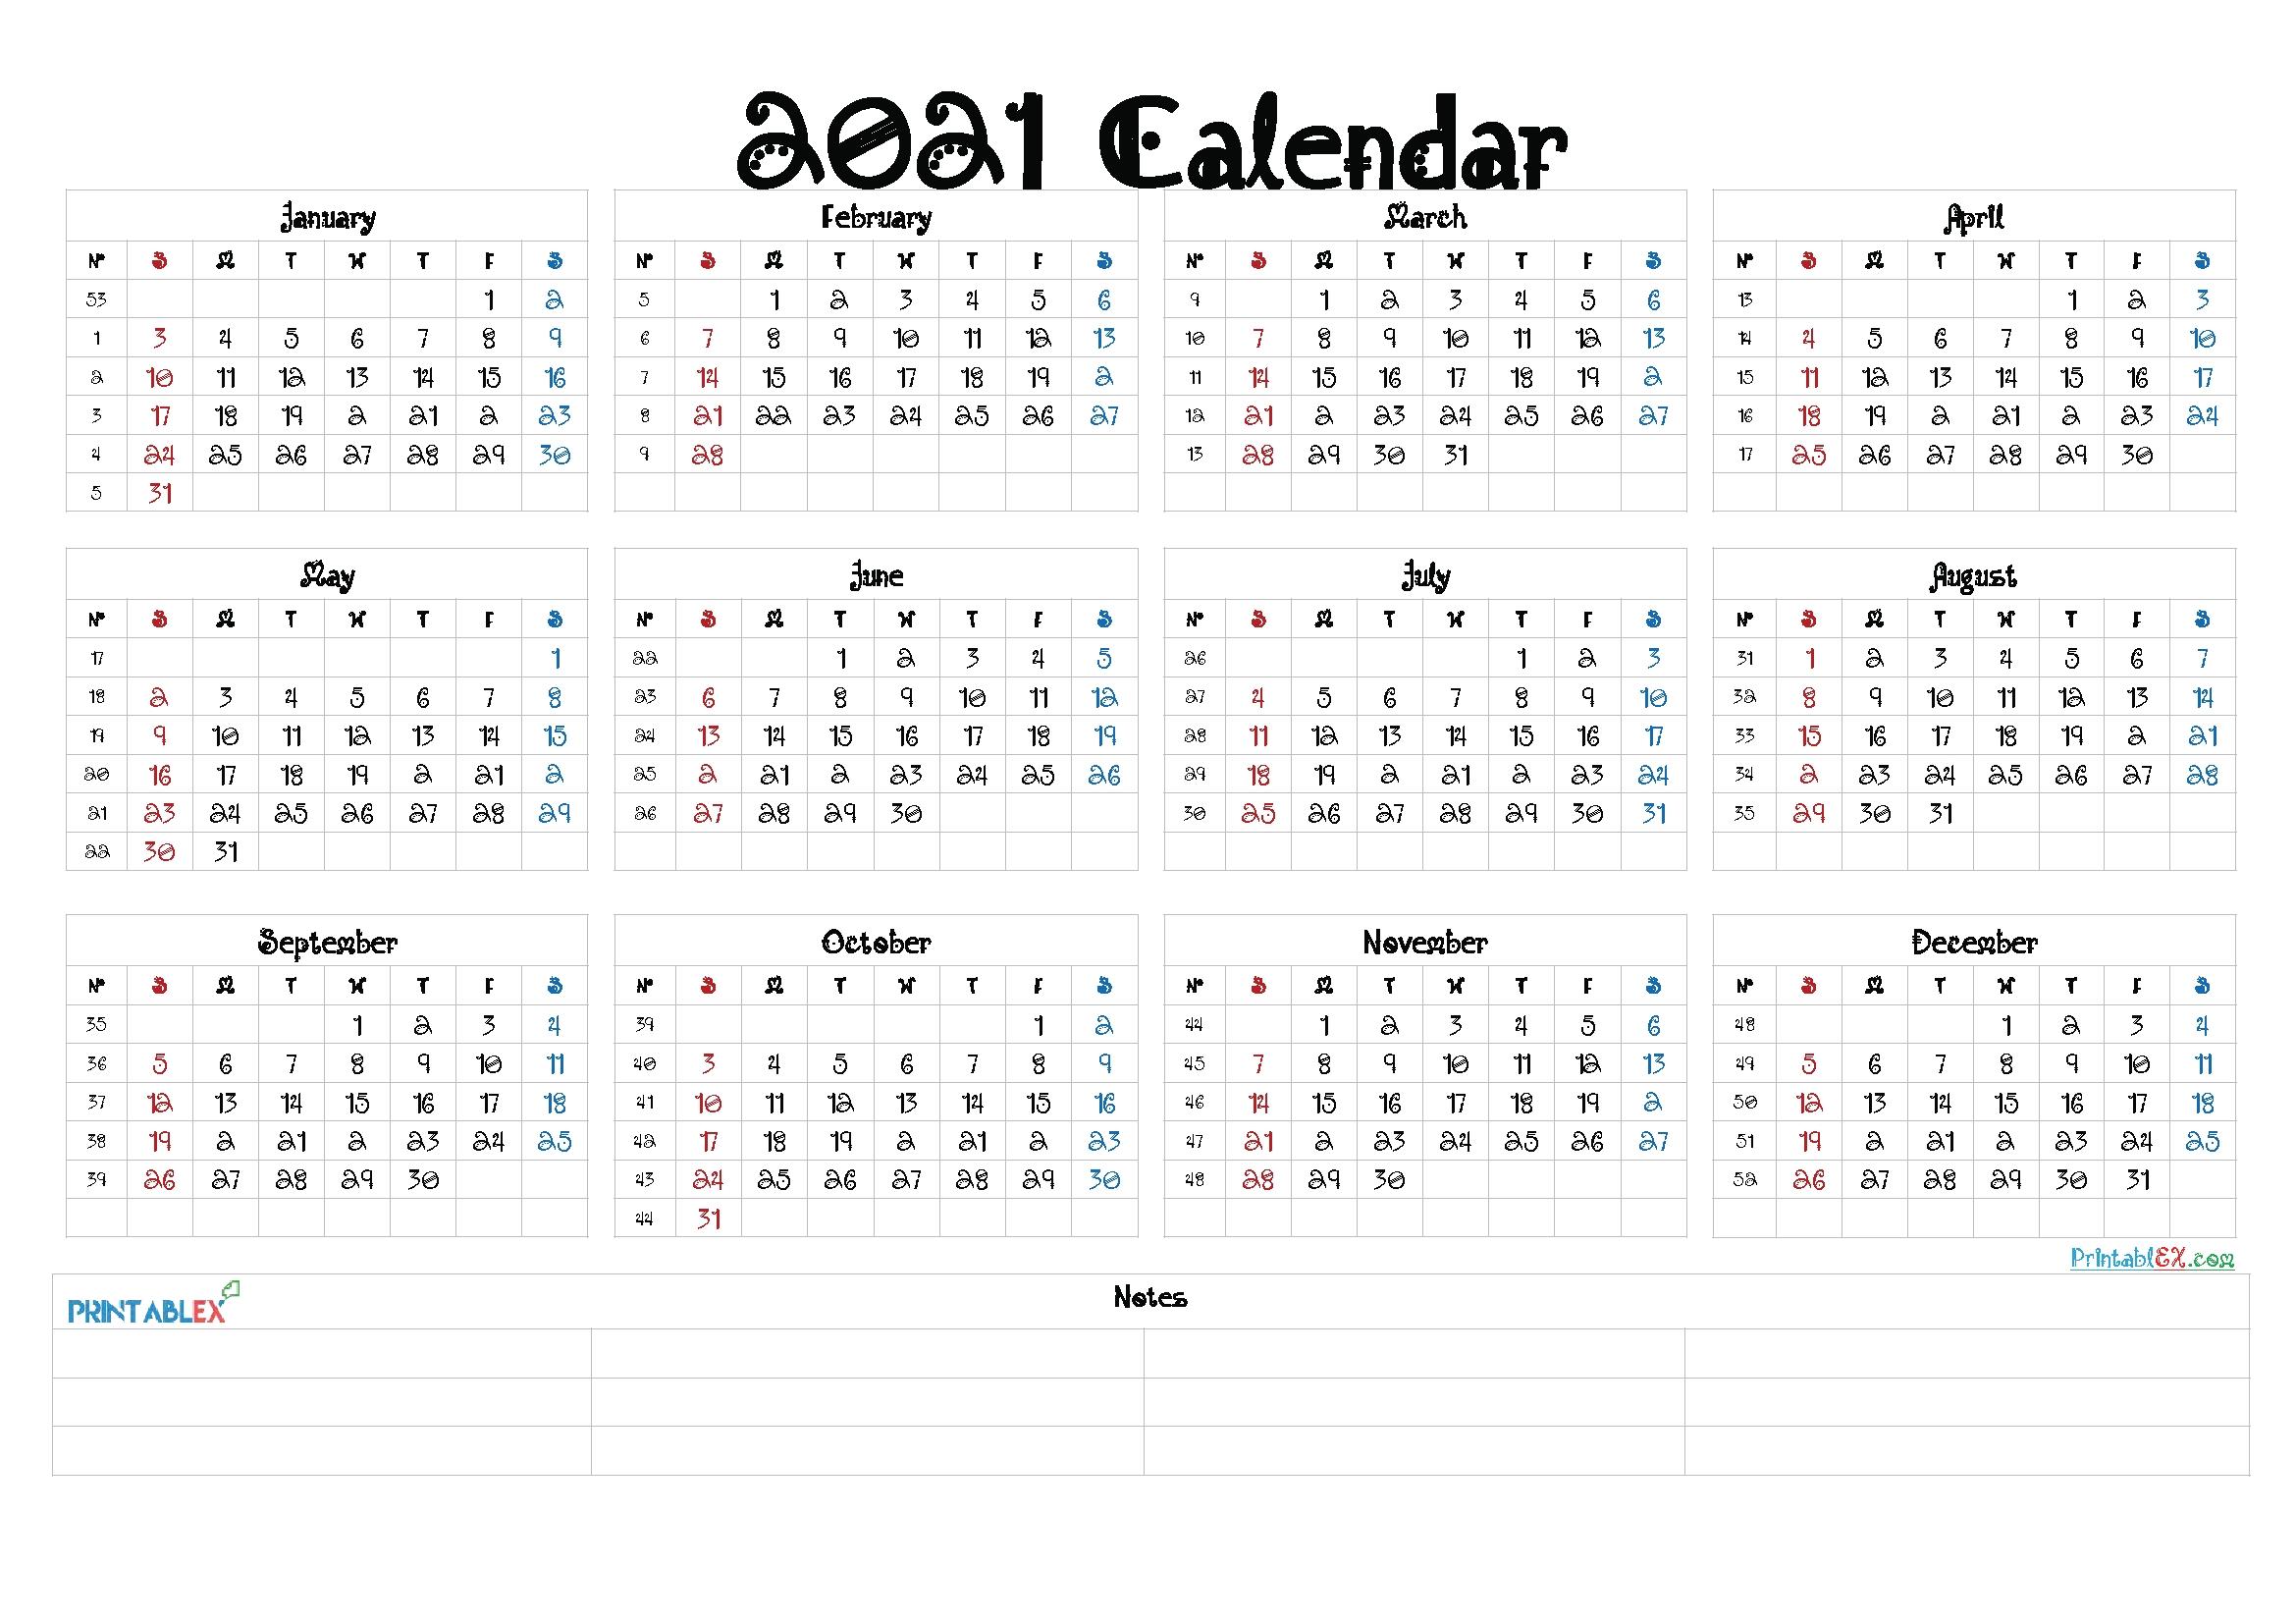 2021 Calendar With Week Number Printable Free / Pin On Calendar Printables / Practical within 2021 Weekly Calendars Printable Free